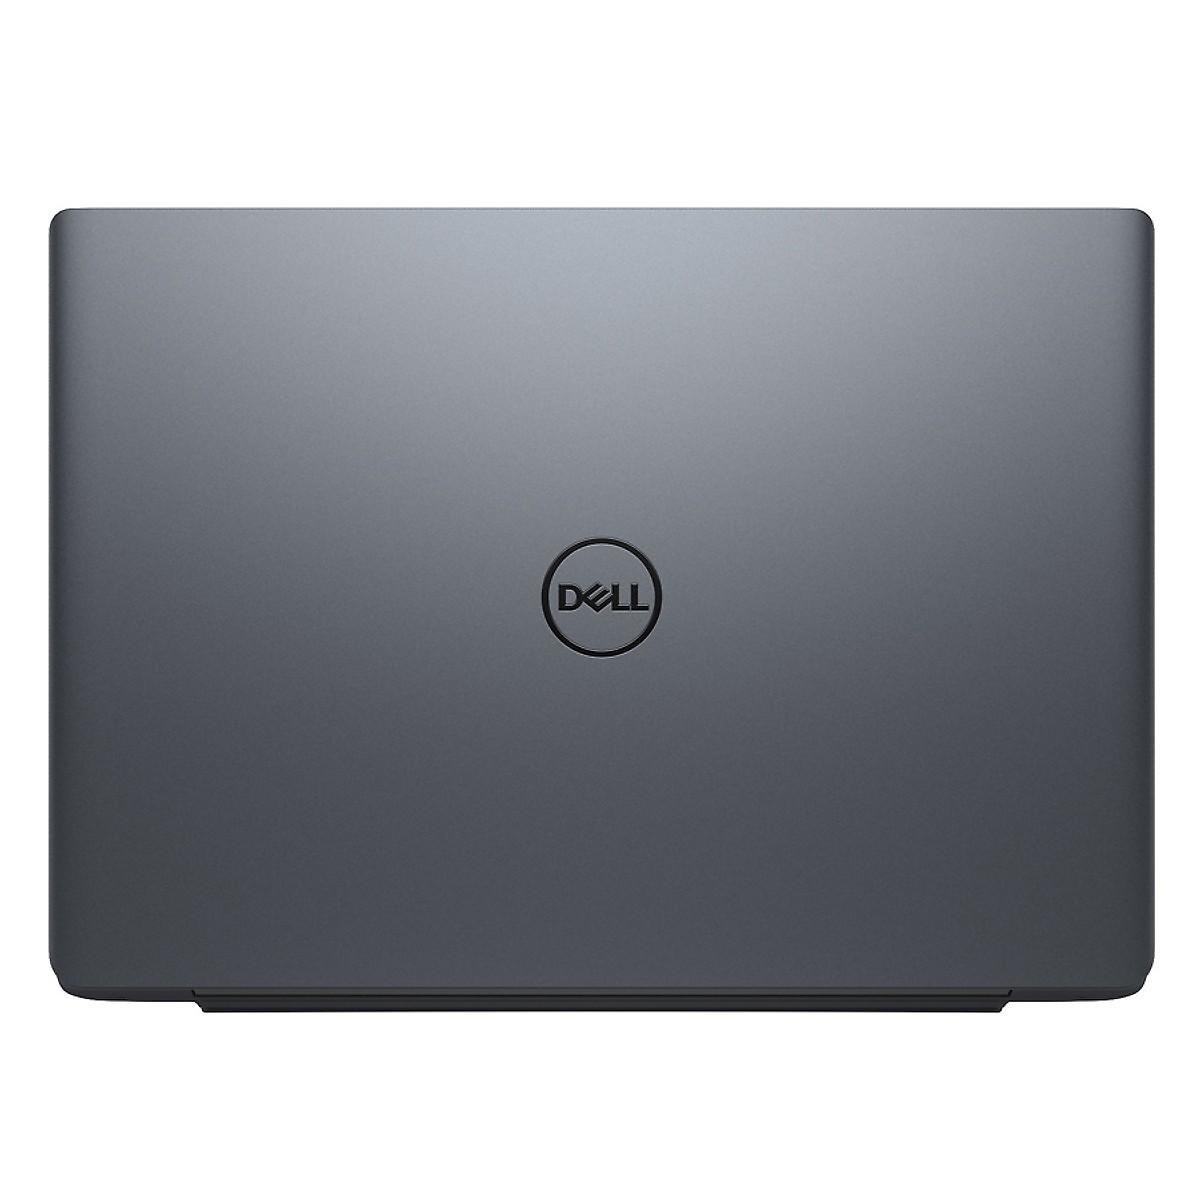 """Dell Vostro 5481 V4I5229W S I5 8265U 8GB 256GB 14""""FHD W10 Urban Gray - Hàng Chính Hãng"""